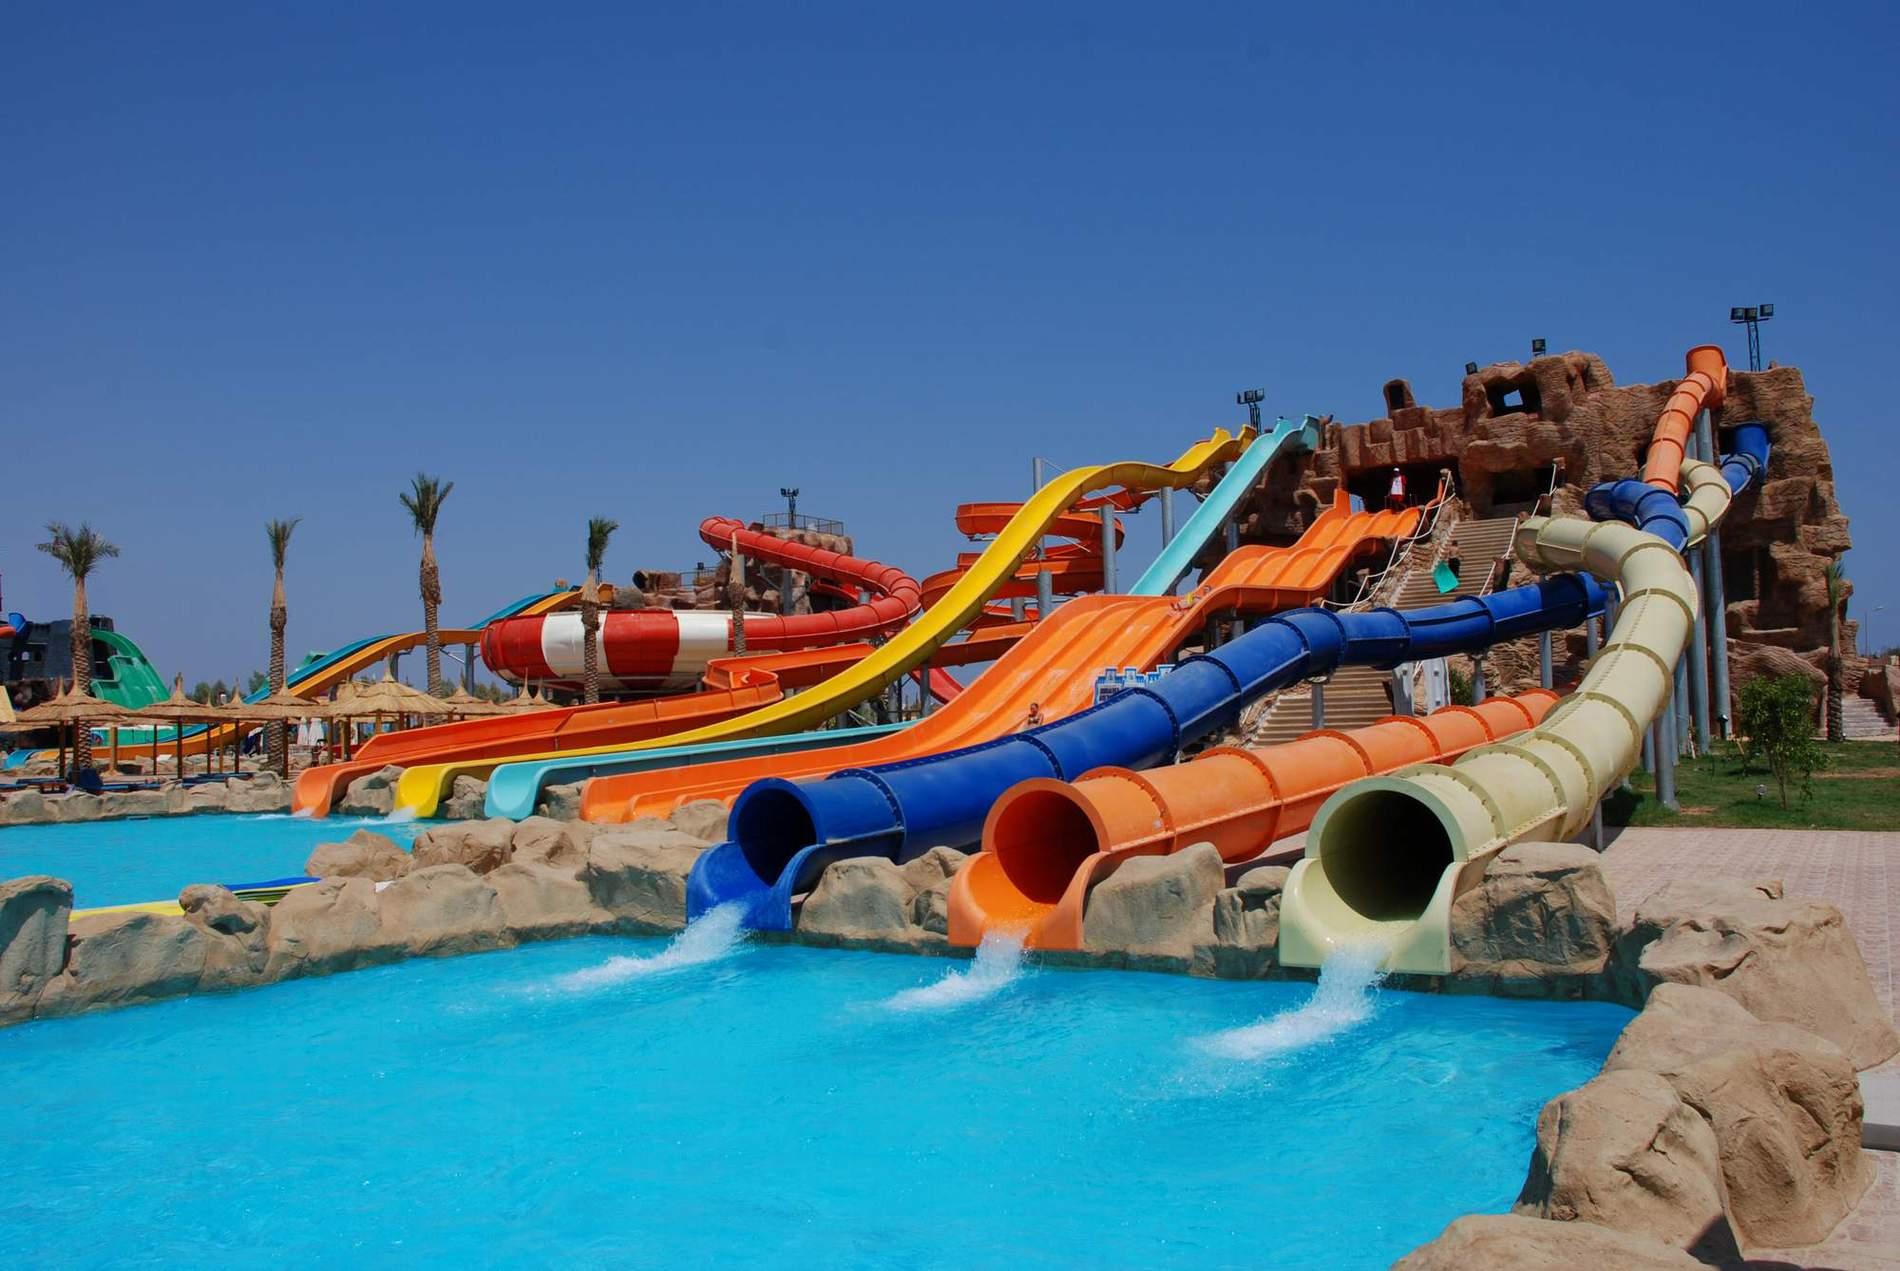 отели Египта предусматривают зимний отдых и располагают собственным аквапарком